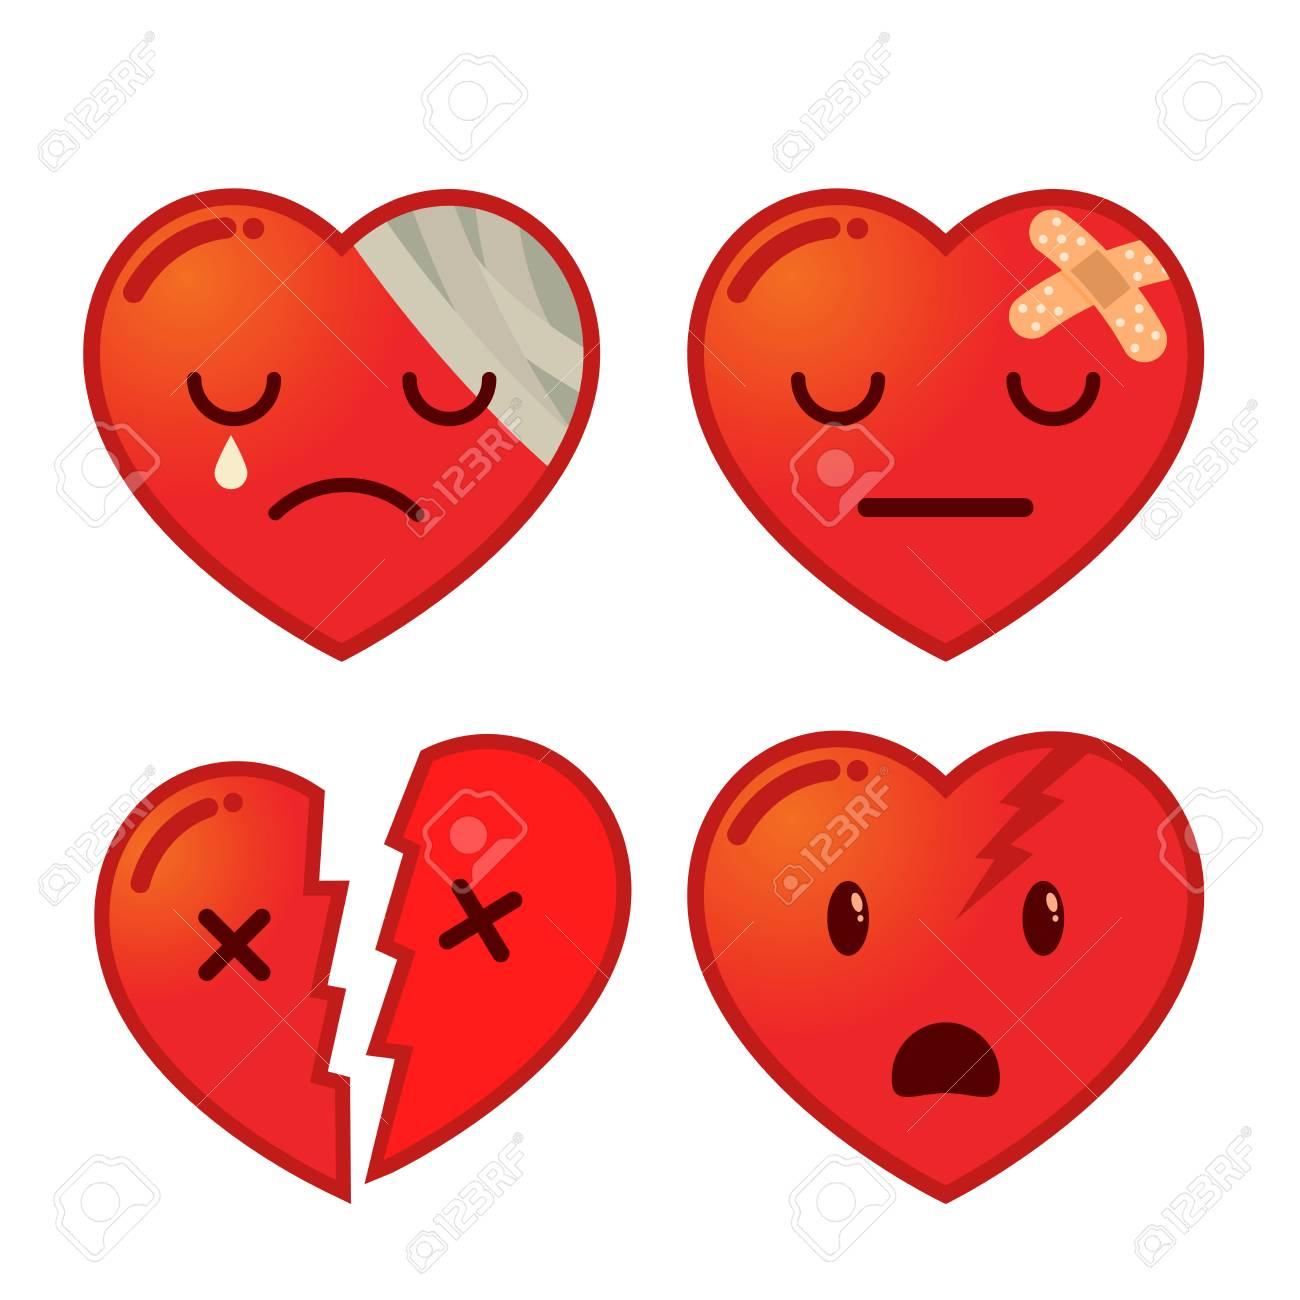 Oye y tú ¿Te relacionas por amor o por lástima?